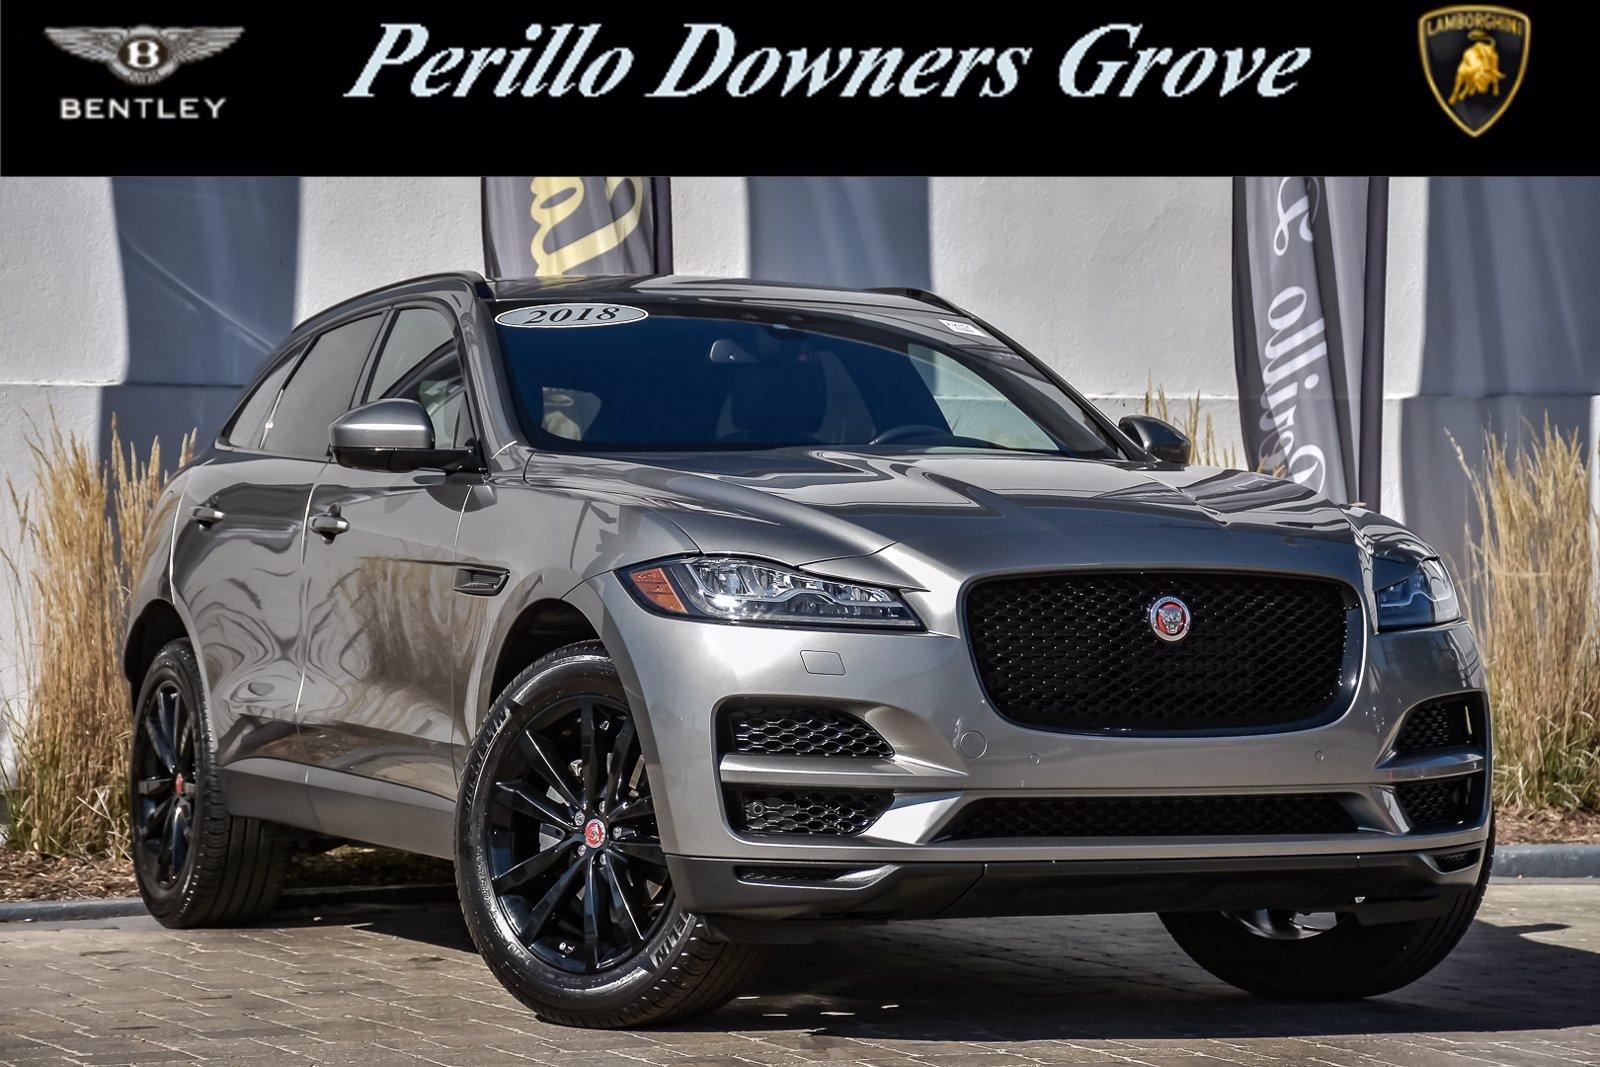 Used 2018 Jaguar F-PACE 25t Prestige, Vision/Tech Pkg | Downers Grove, IL